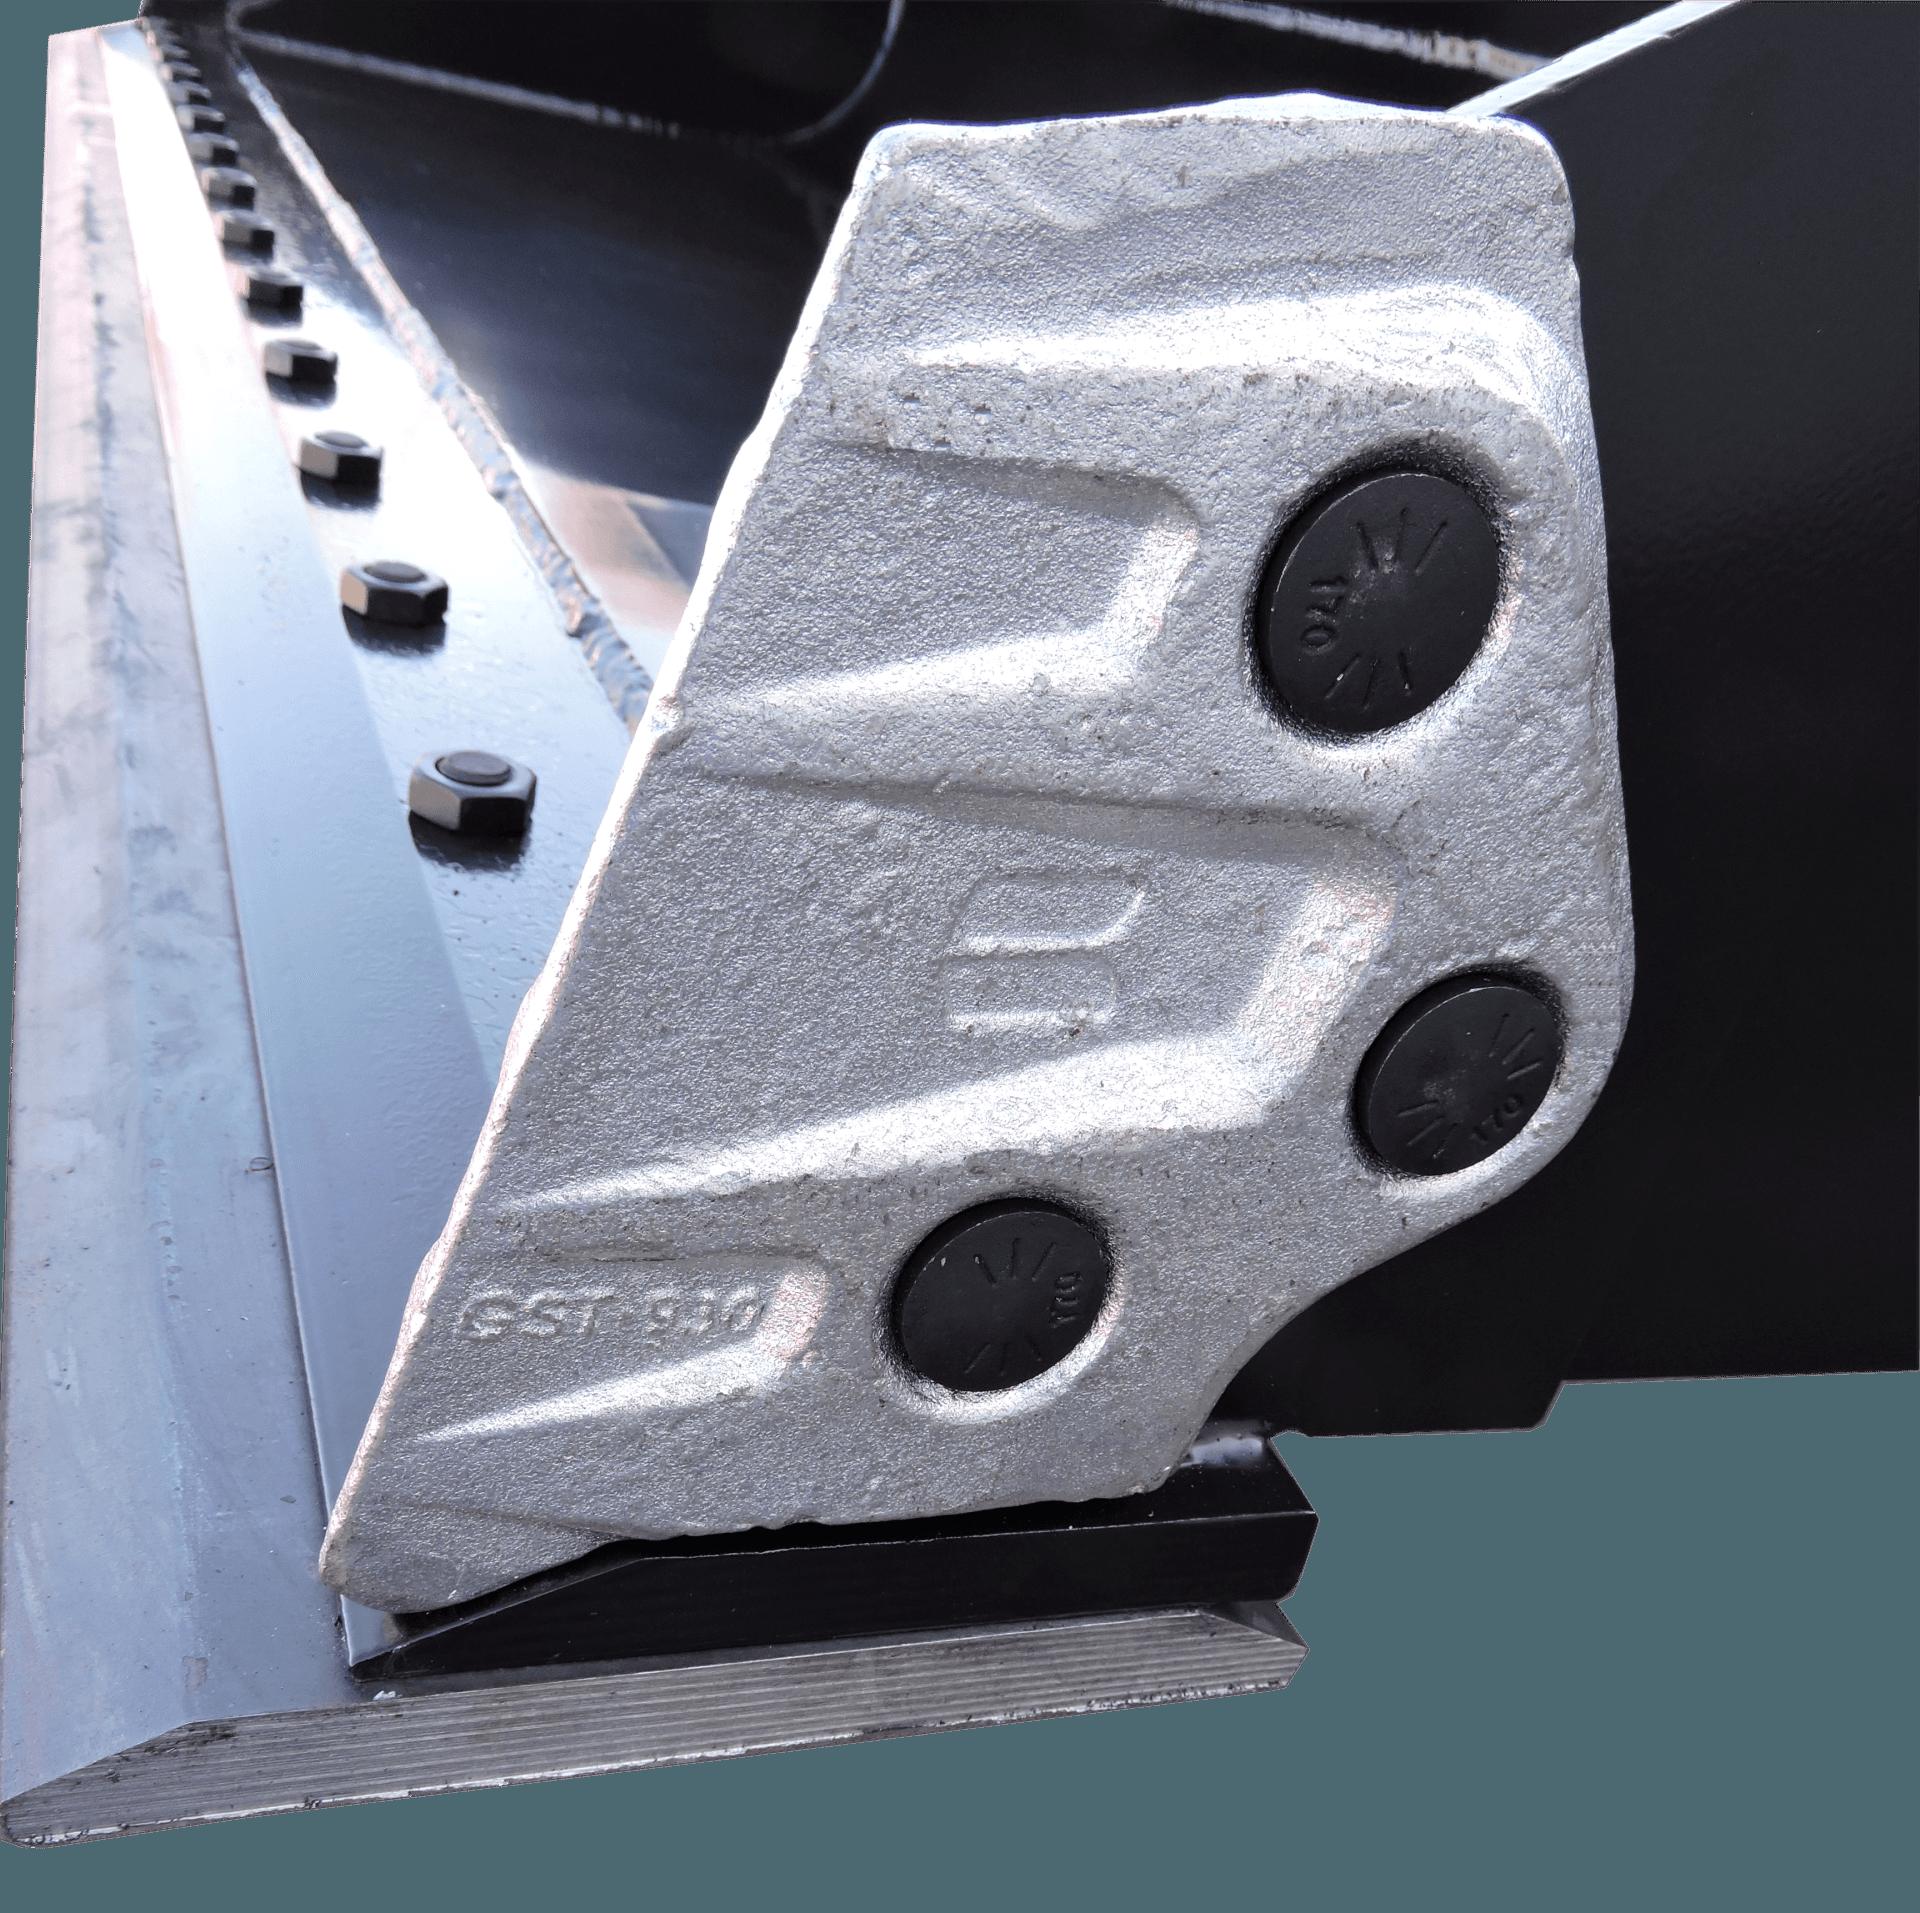 Bolt On Side Cutters Berlon Industries